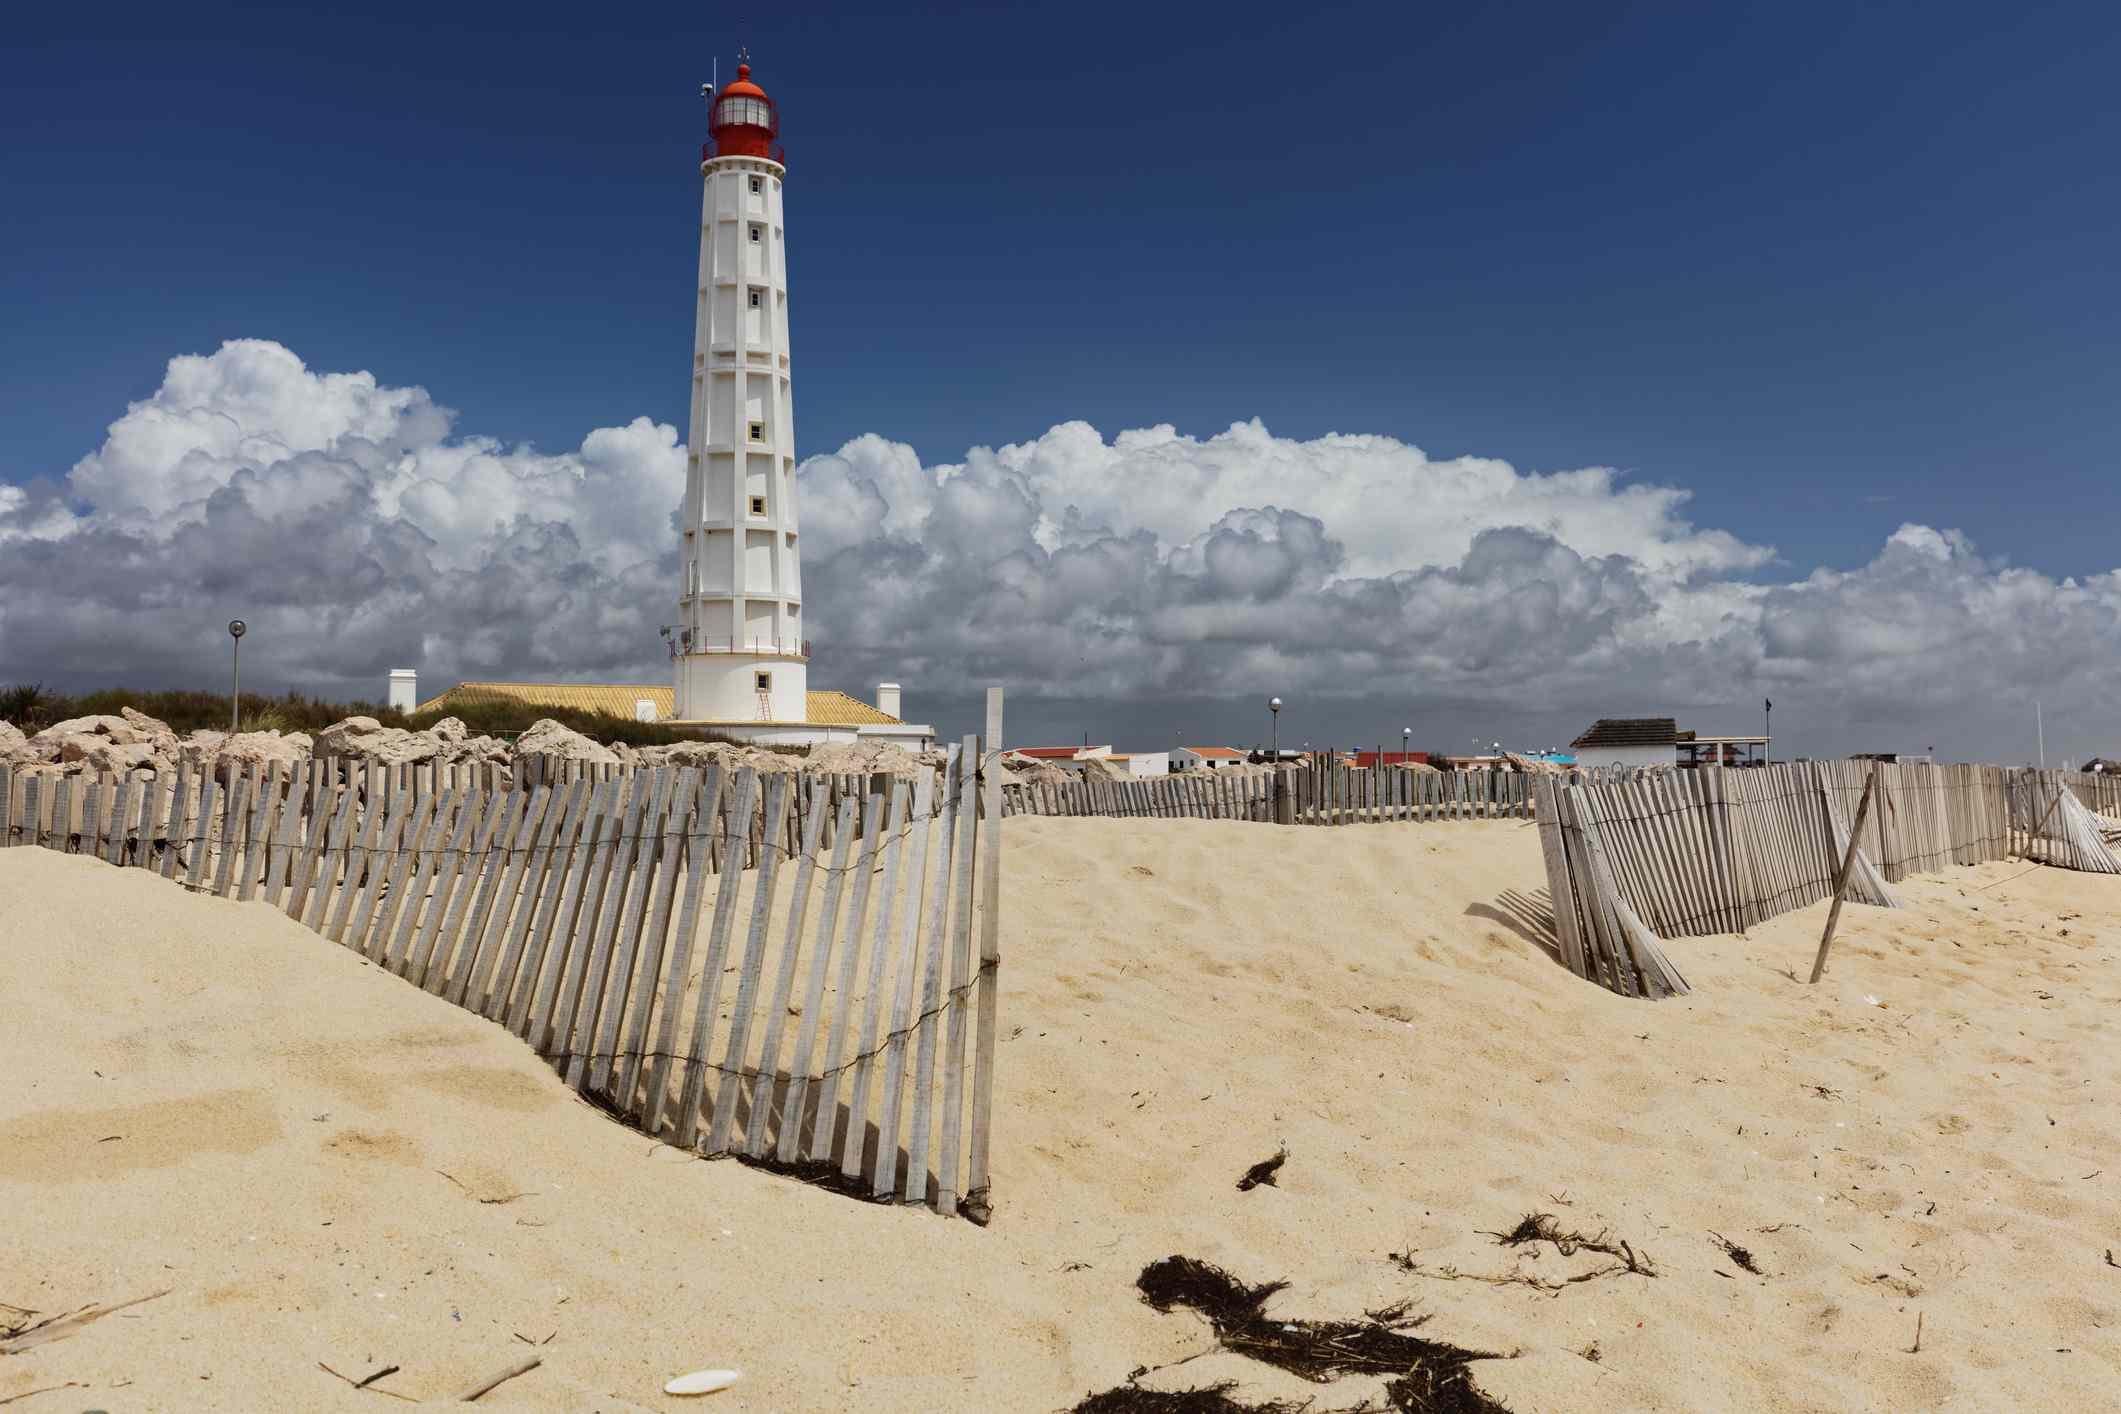 Lighthouse on Culatra Island in Ria Formosa, Portugal